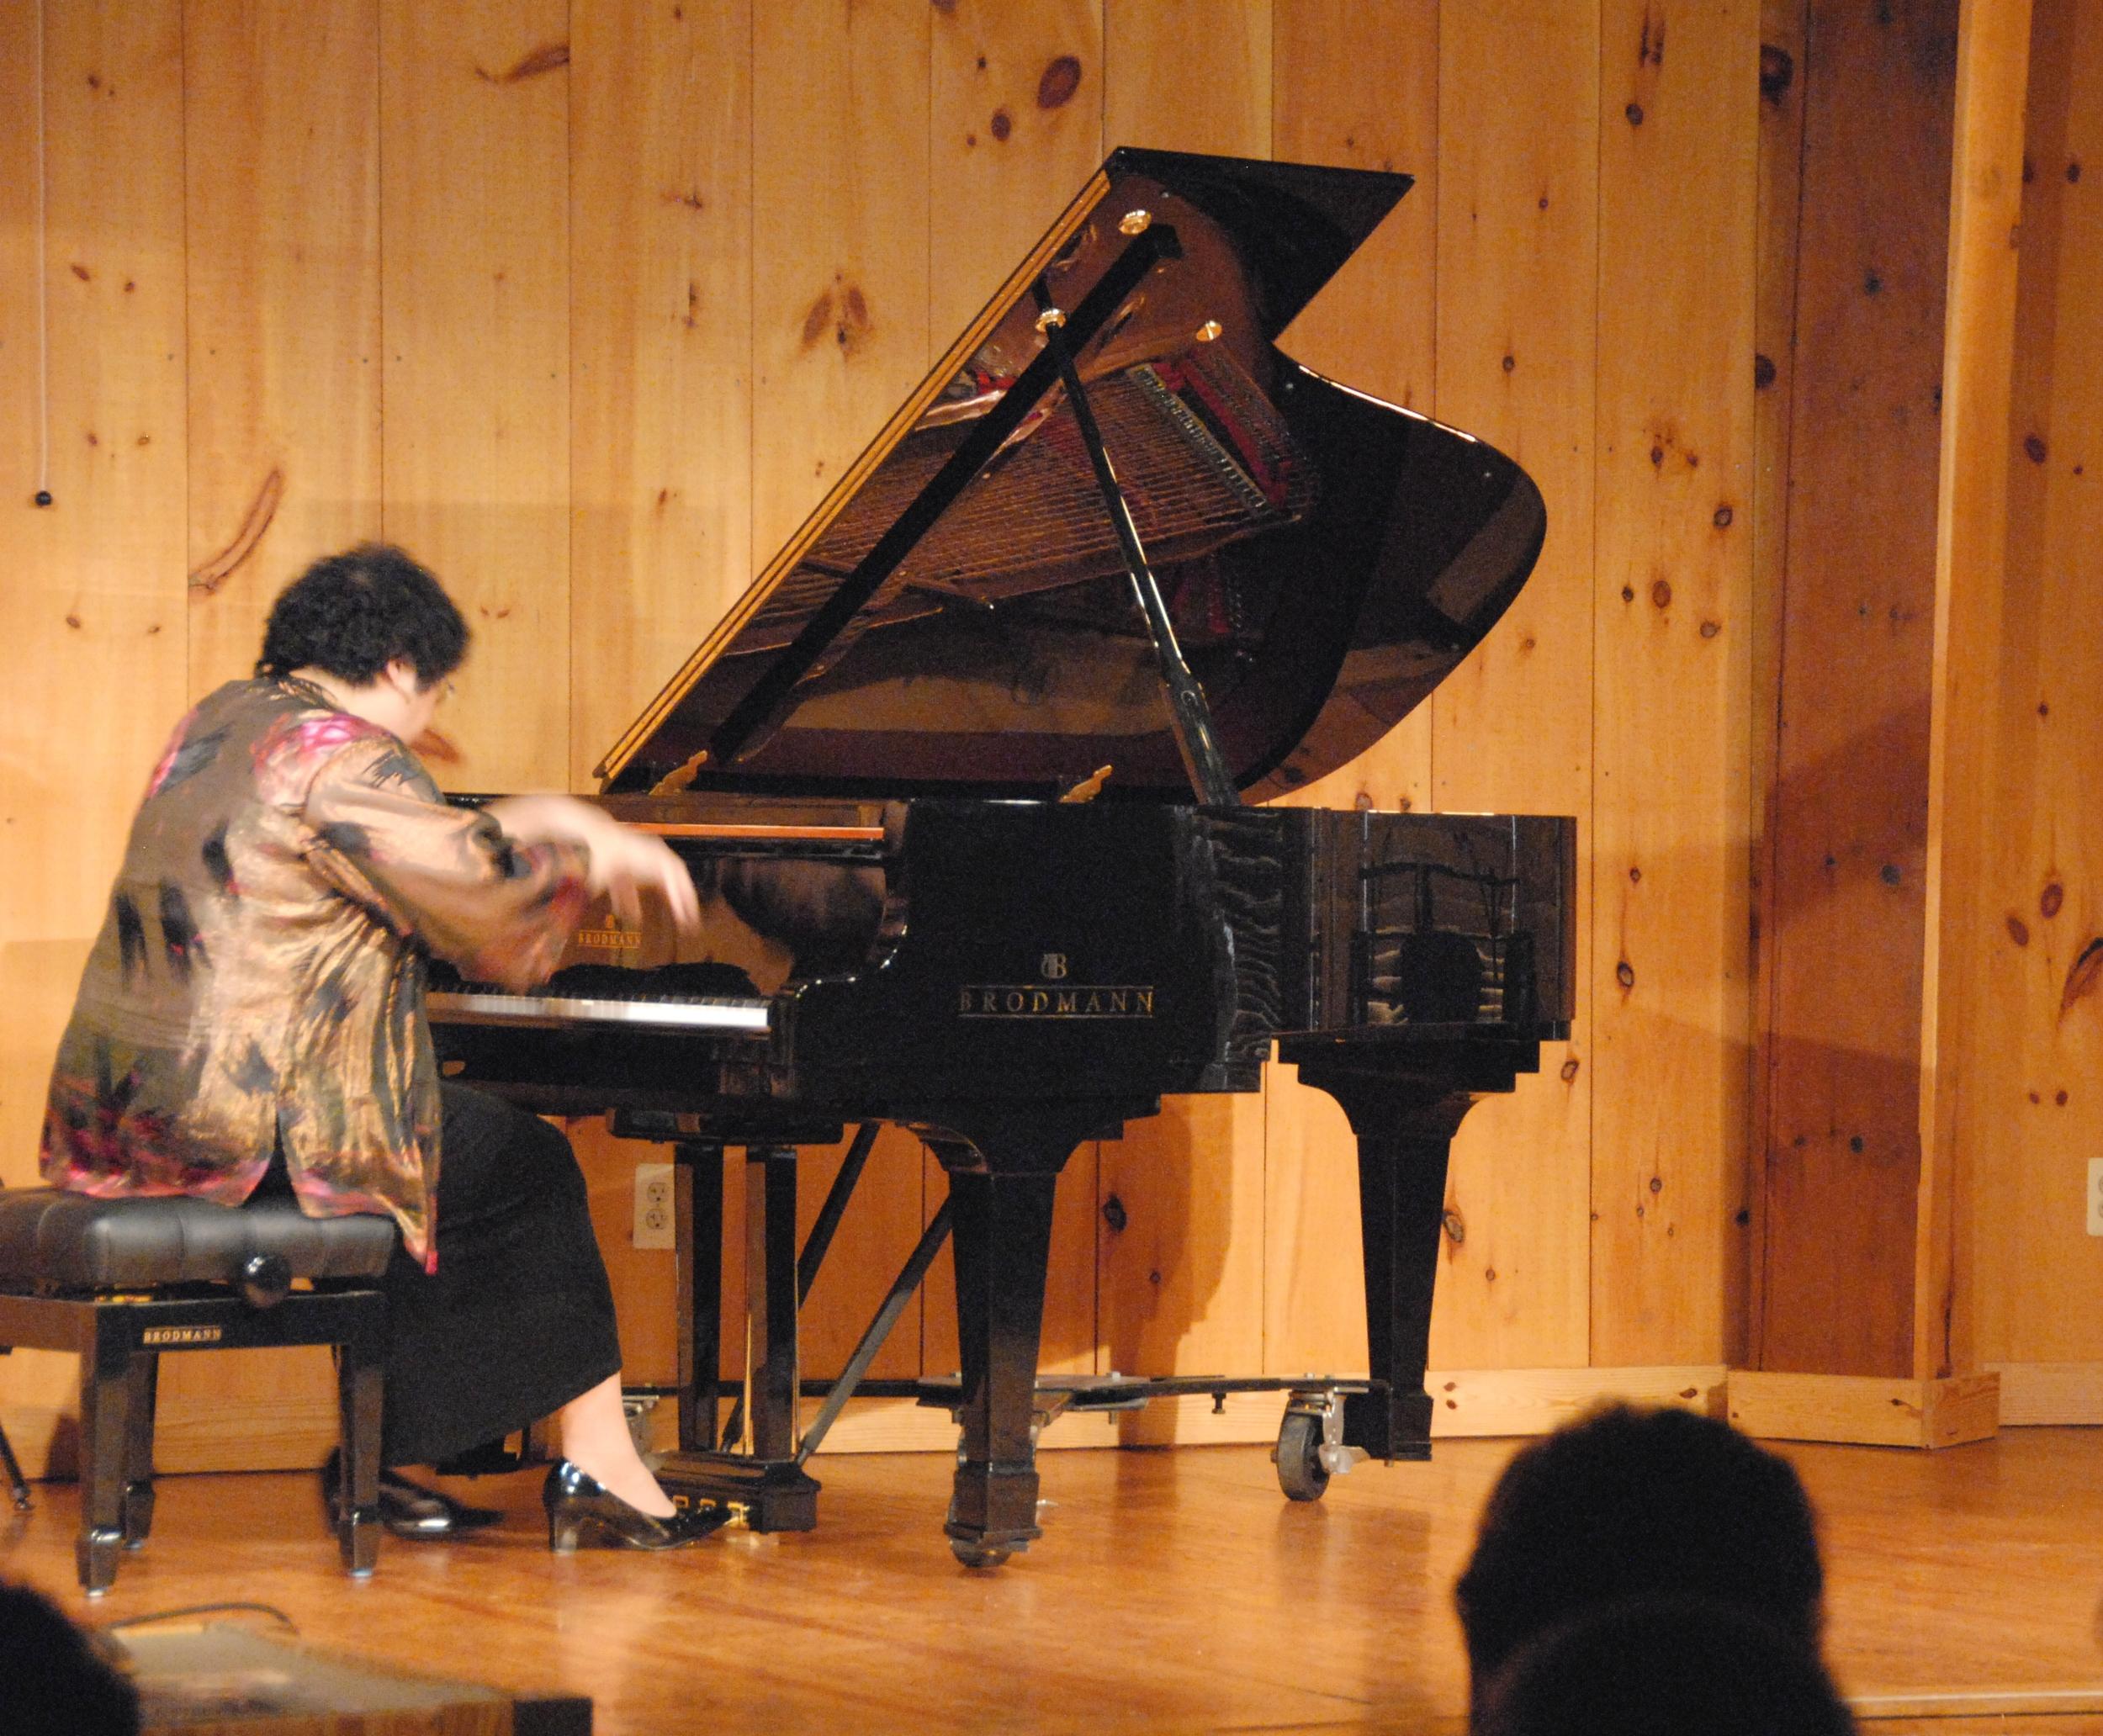 An intense performance by music director Chiu-Tze Lin